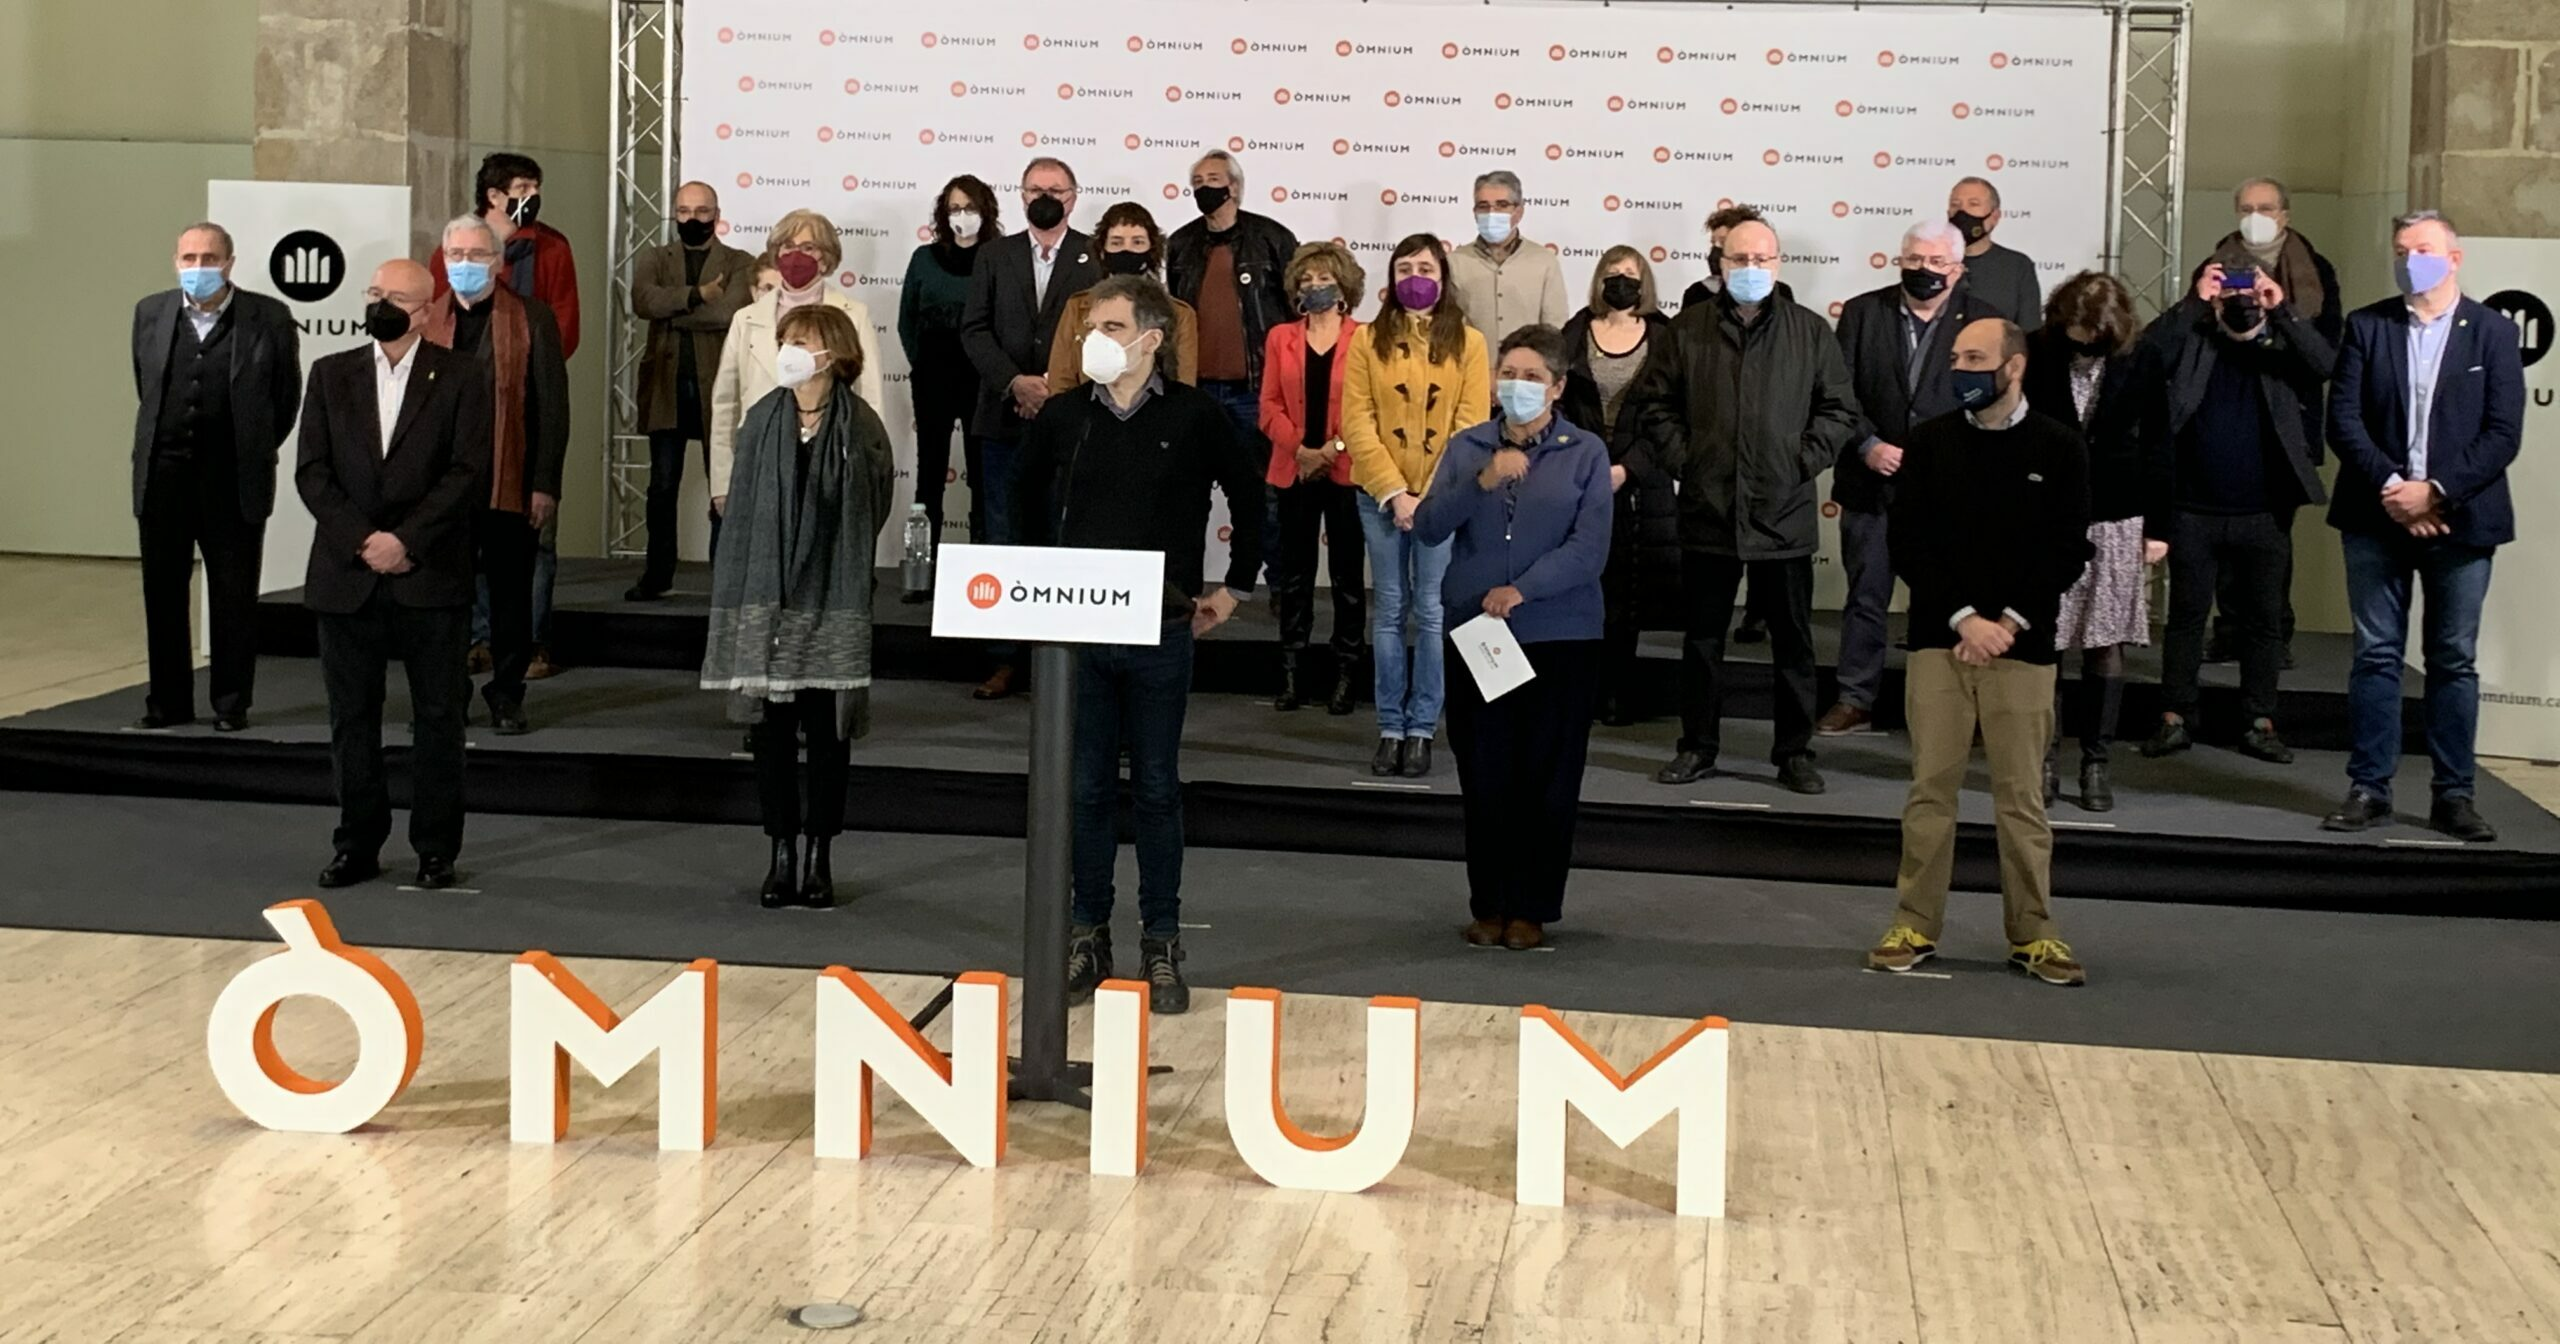 Acte d'Òmnium Cultural, amb Jordi Cuixart, al Museu Marítim de Barcelona, després del 14F / S.B.